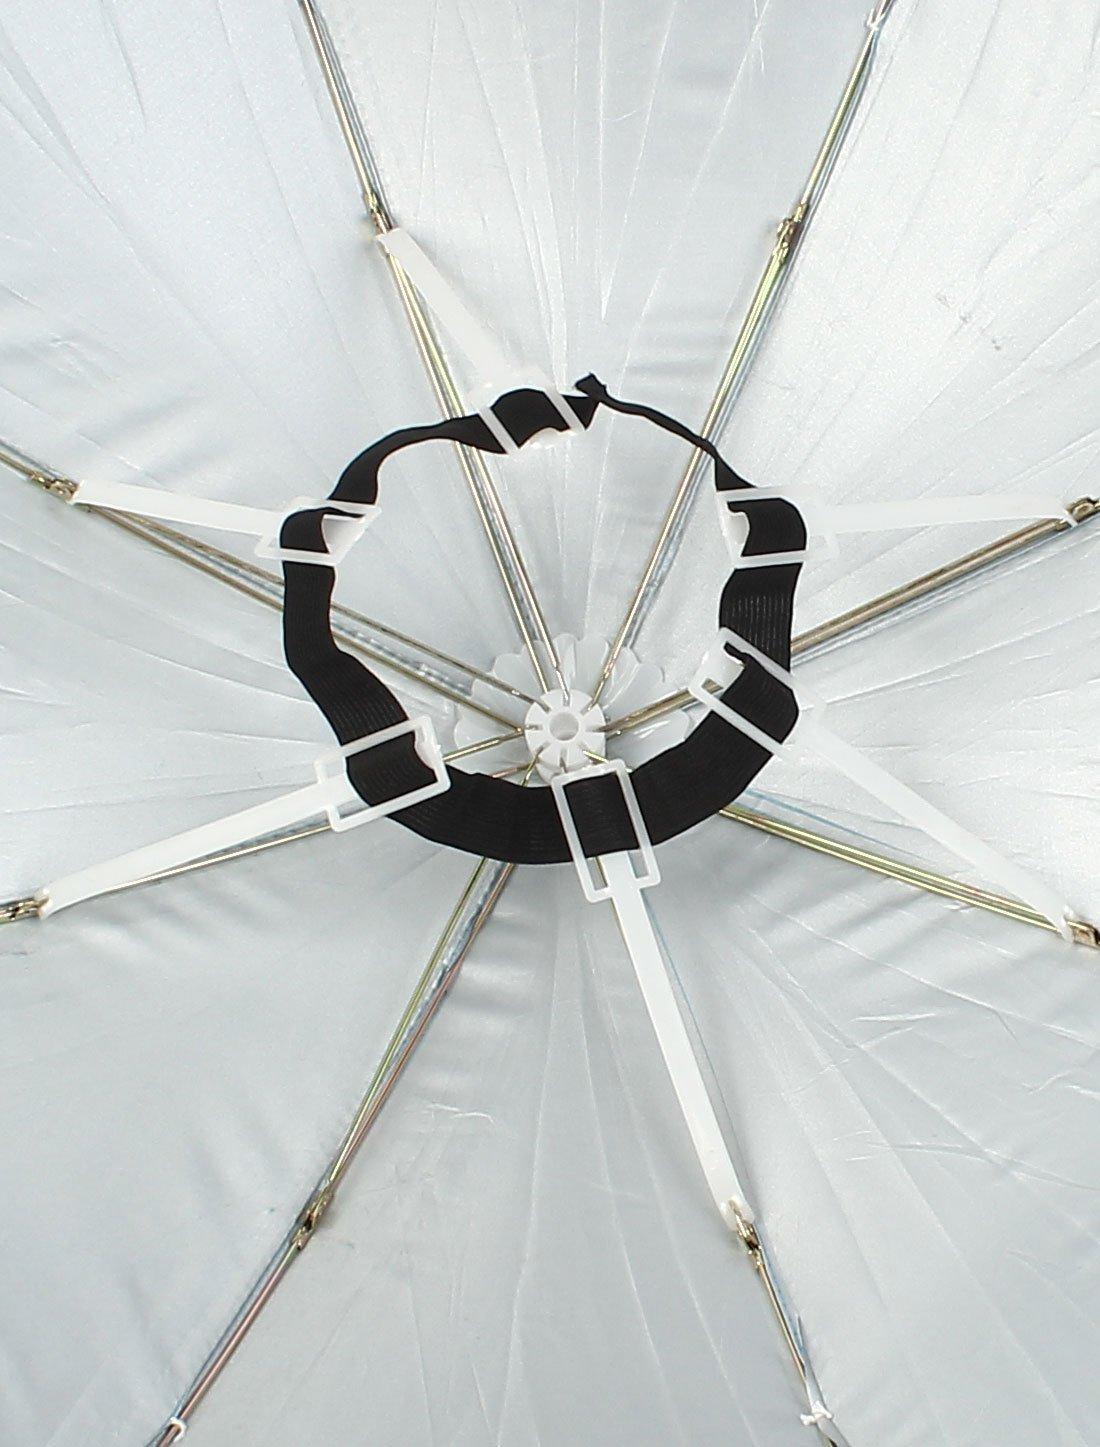 Amazon.com : eDealMax Pesca plegable de Plata gris elástico diadema paraguas Sombrero Azul claro : Sports & Outdoors